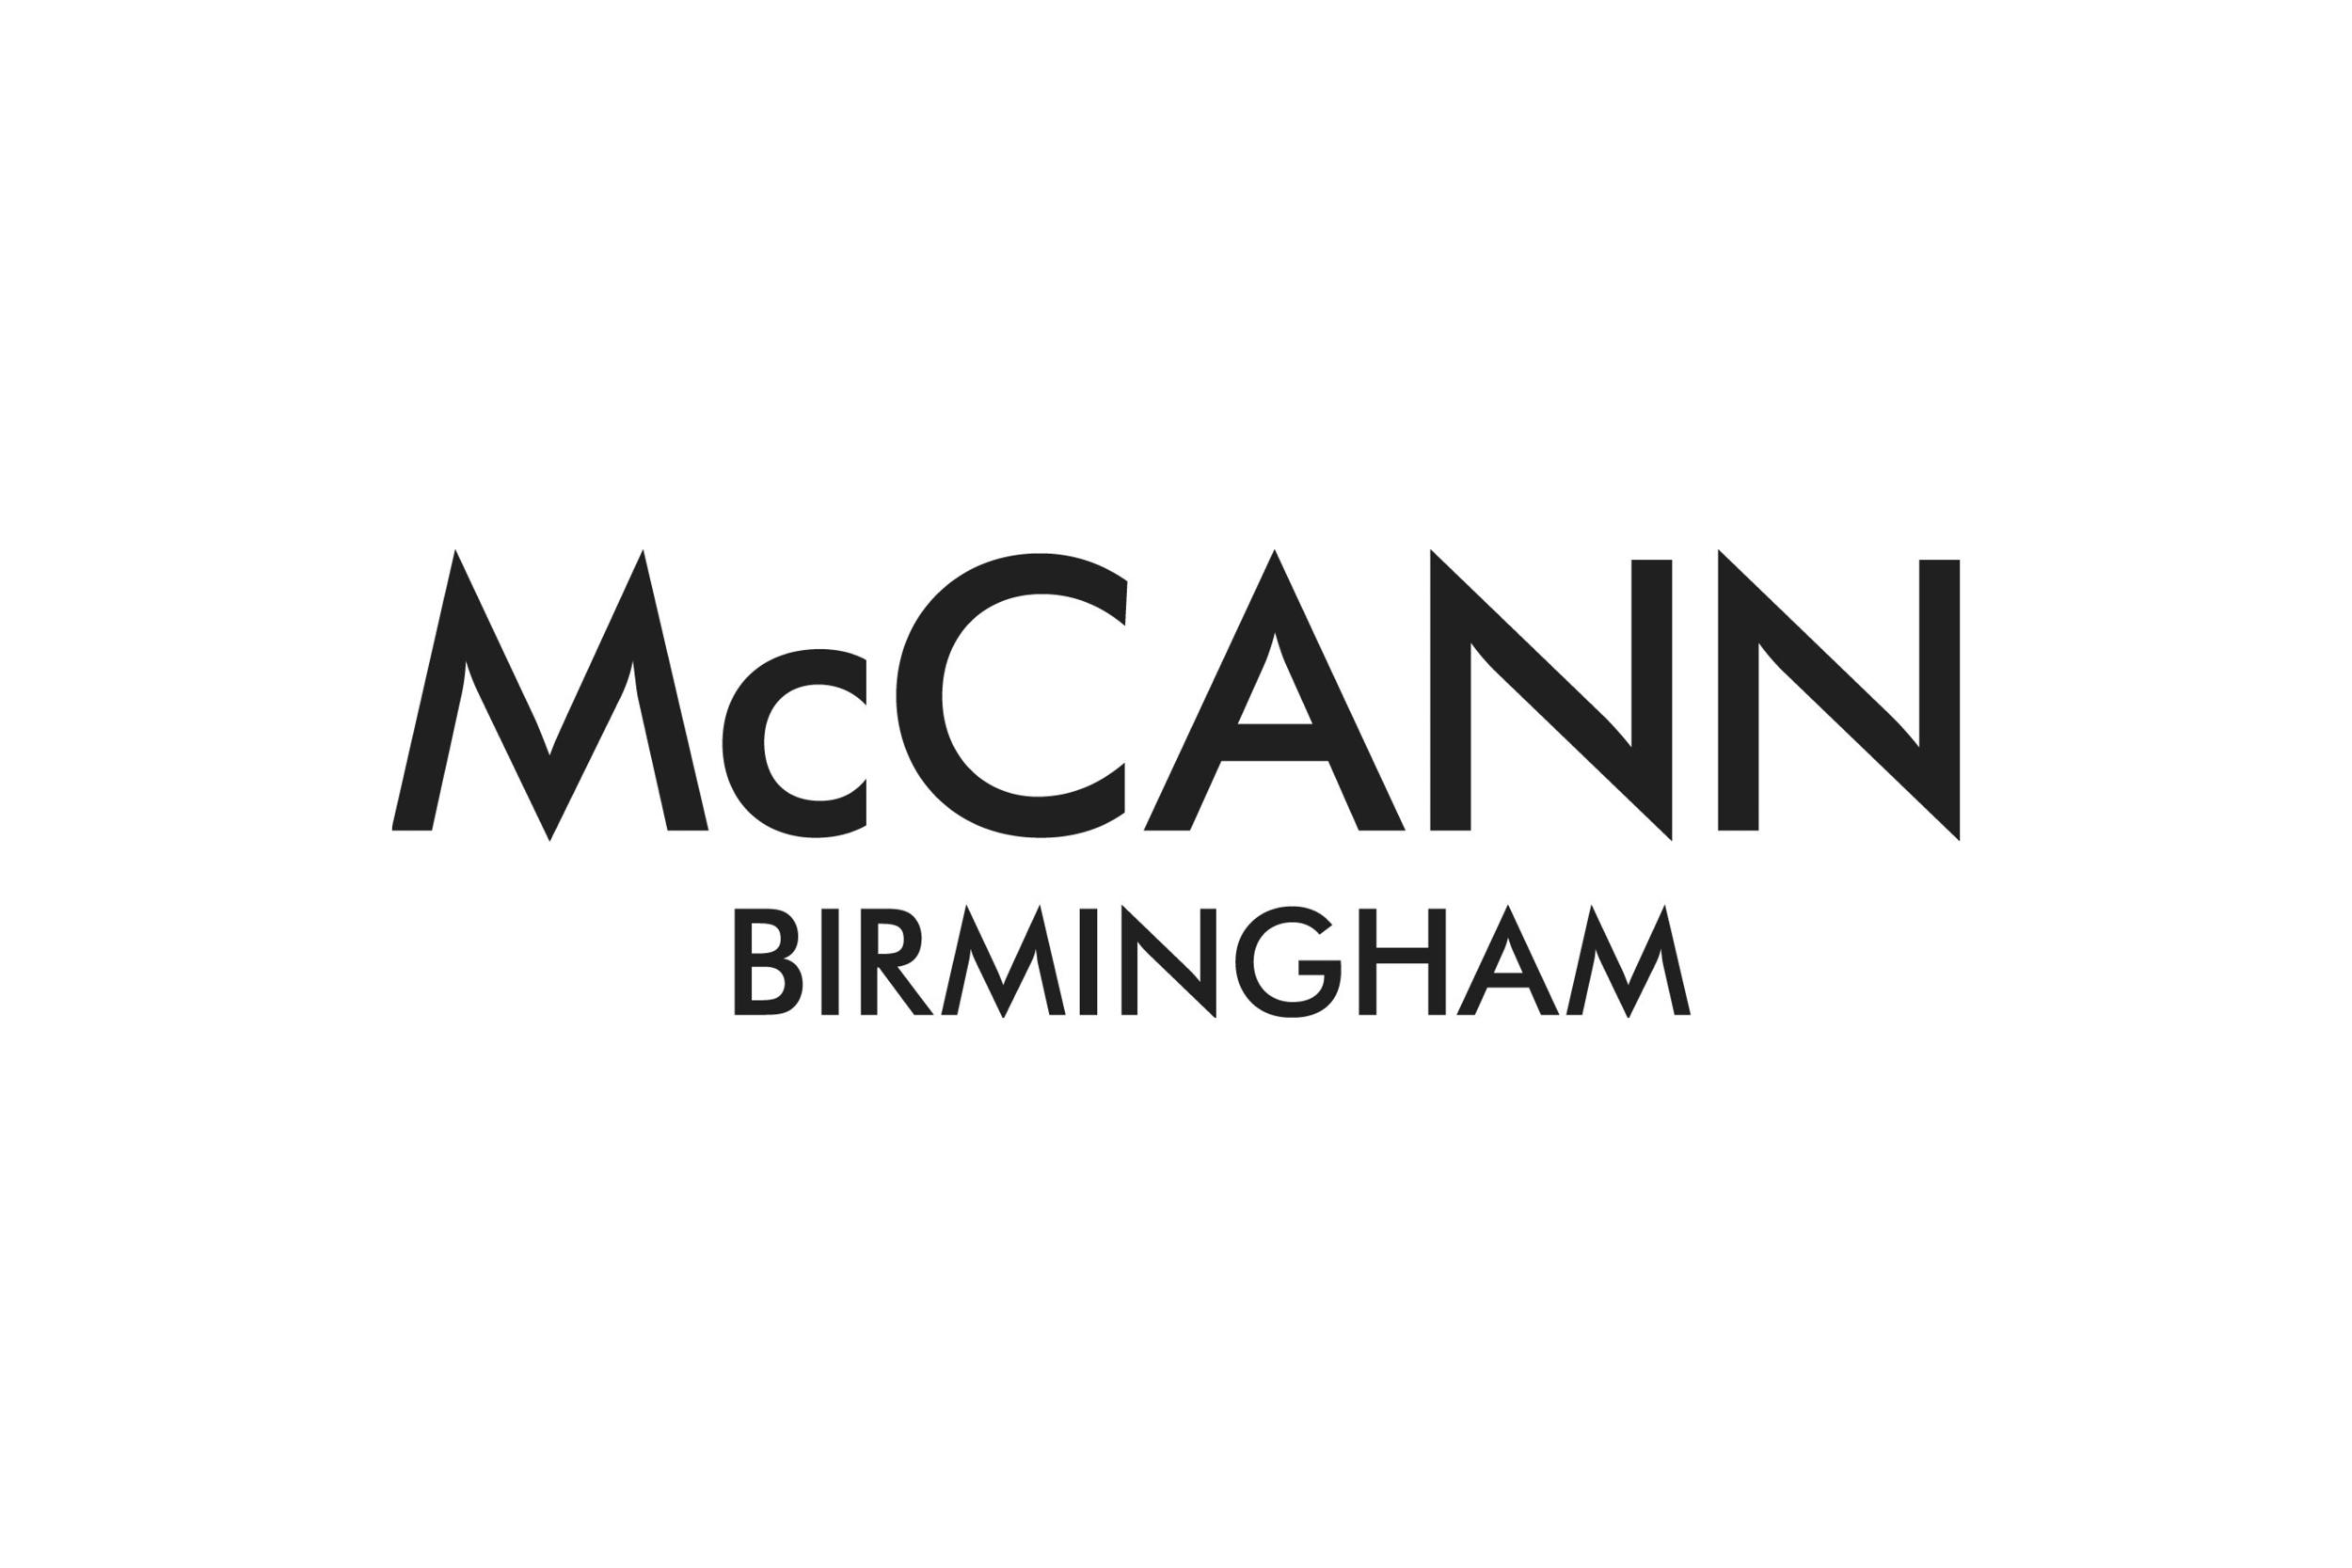 Mccan Birmingham